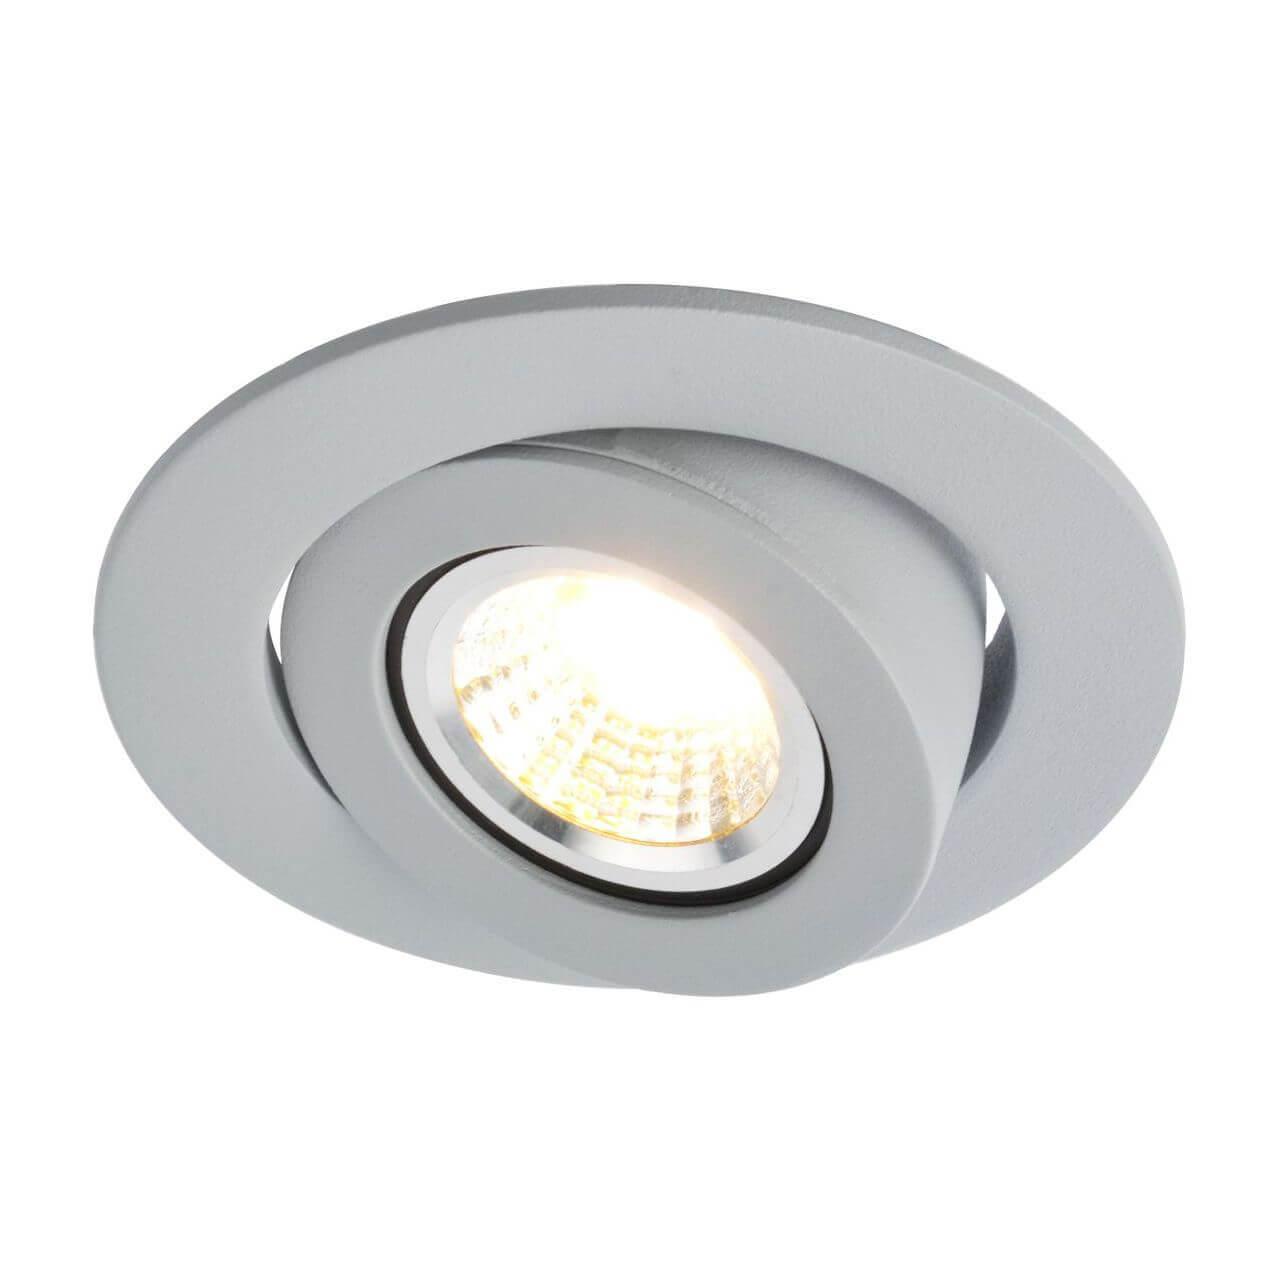 Встраиваемый светильник Arte Lamp Accento A4009PL-1GY встраиваемый светильник arte lamp accento a4009pl 1ss